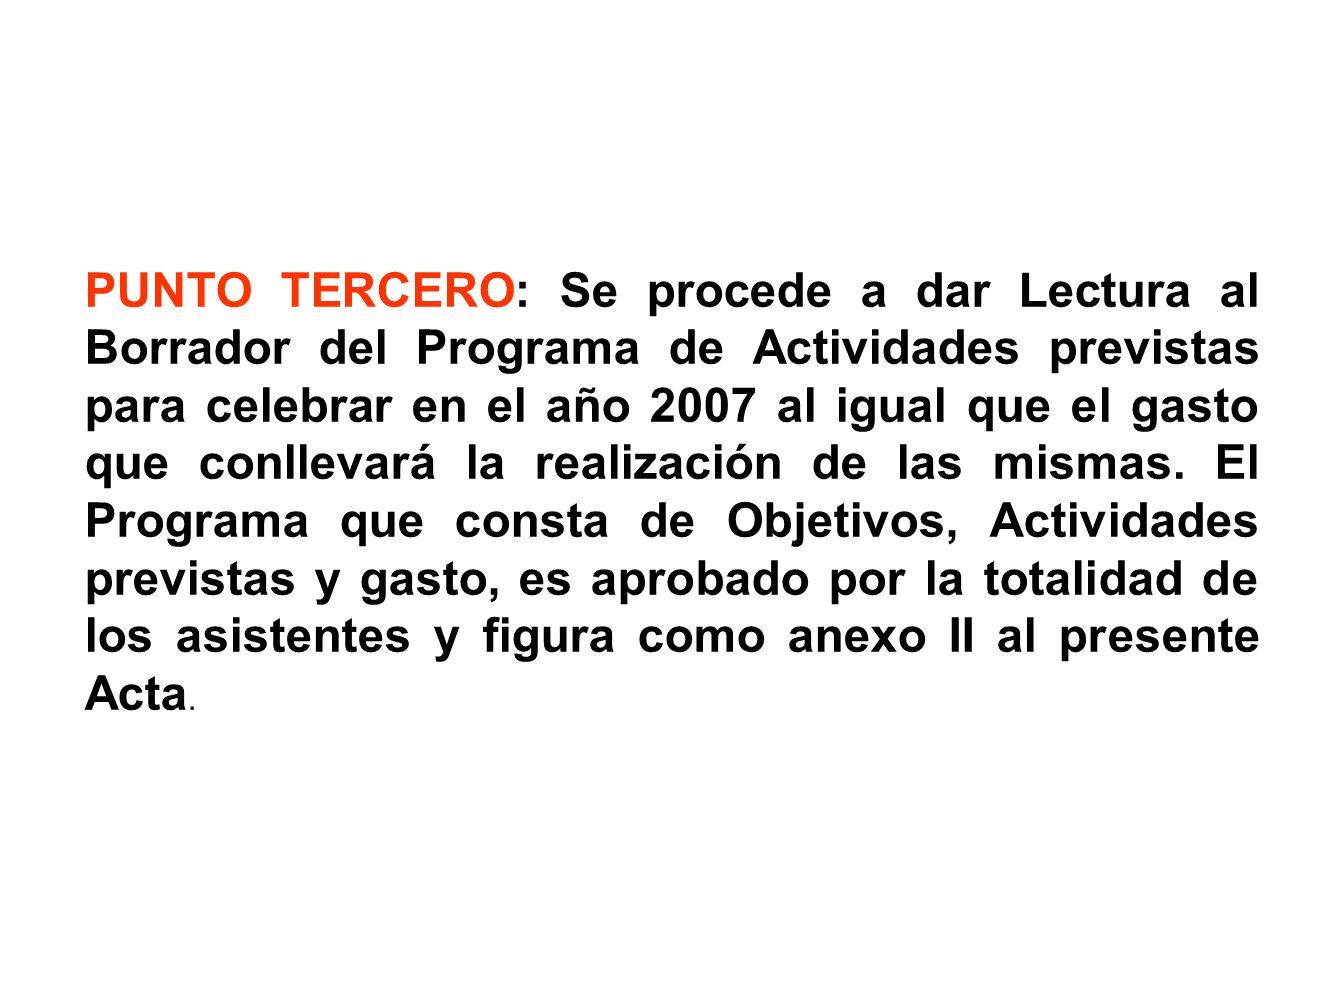 PUNTO TERCERO: Se procede a dar Lectura al Borrador del Programa de Actividades previstas para celebrar en el año 2007 al igual que el gasto que conllevará la realización de las mismas.